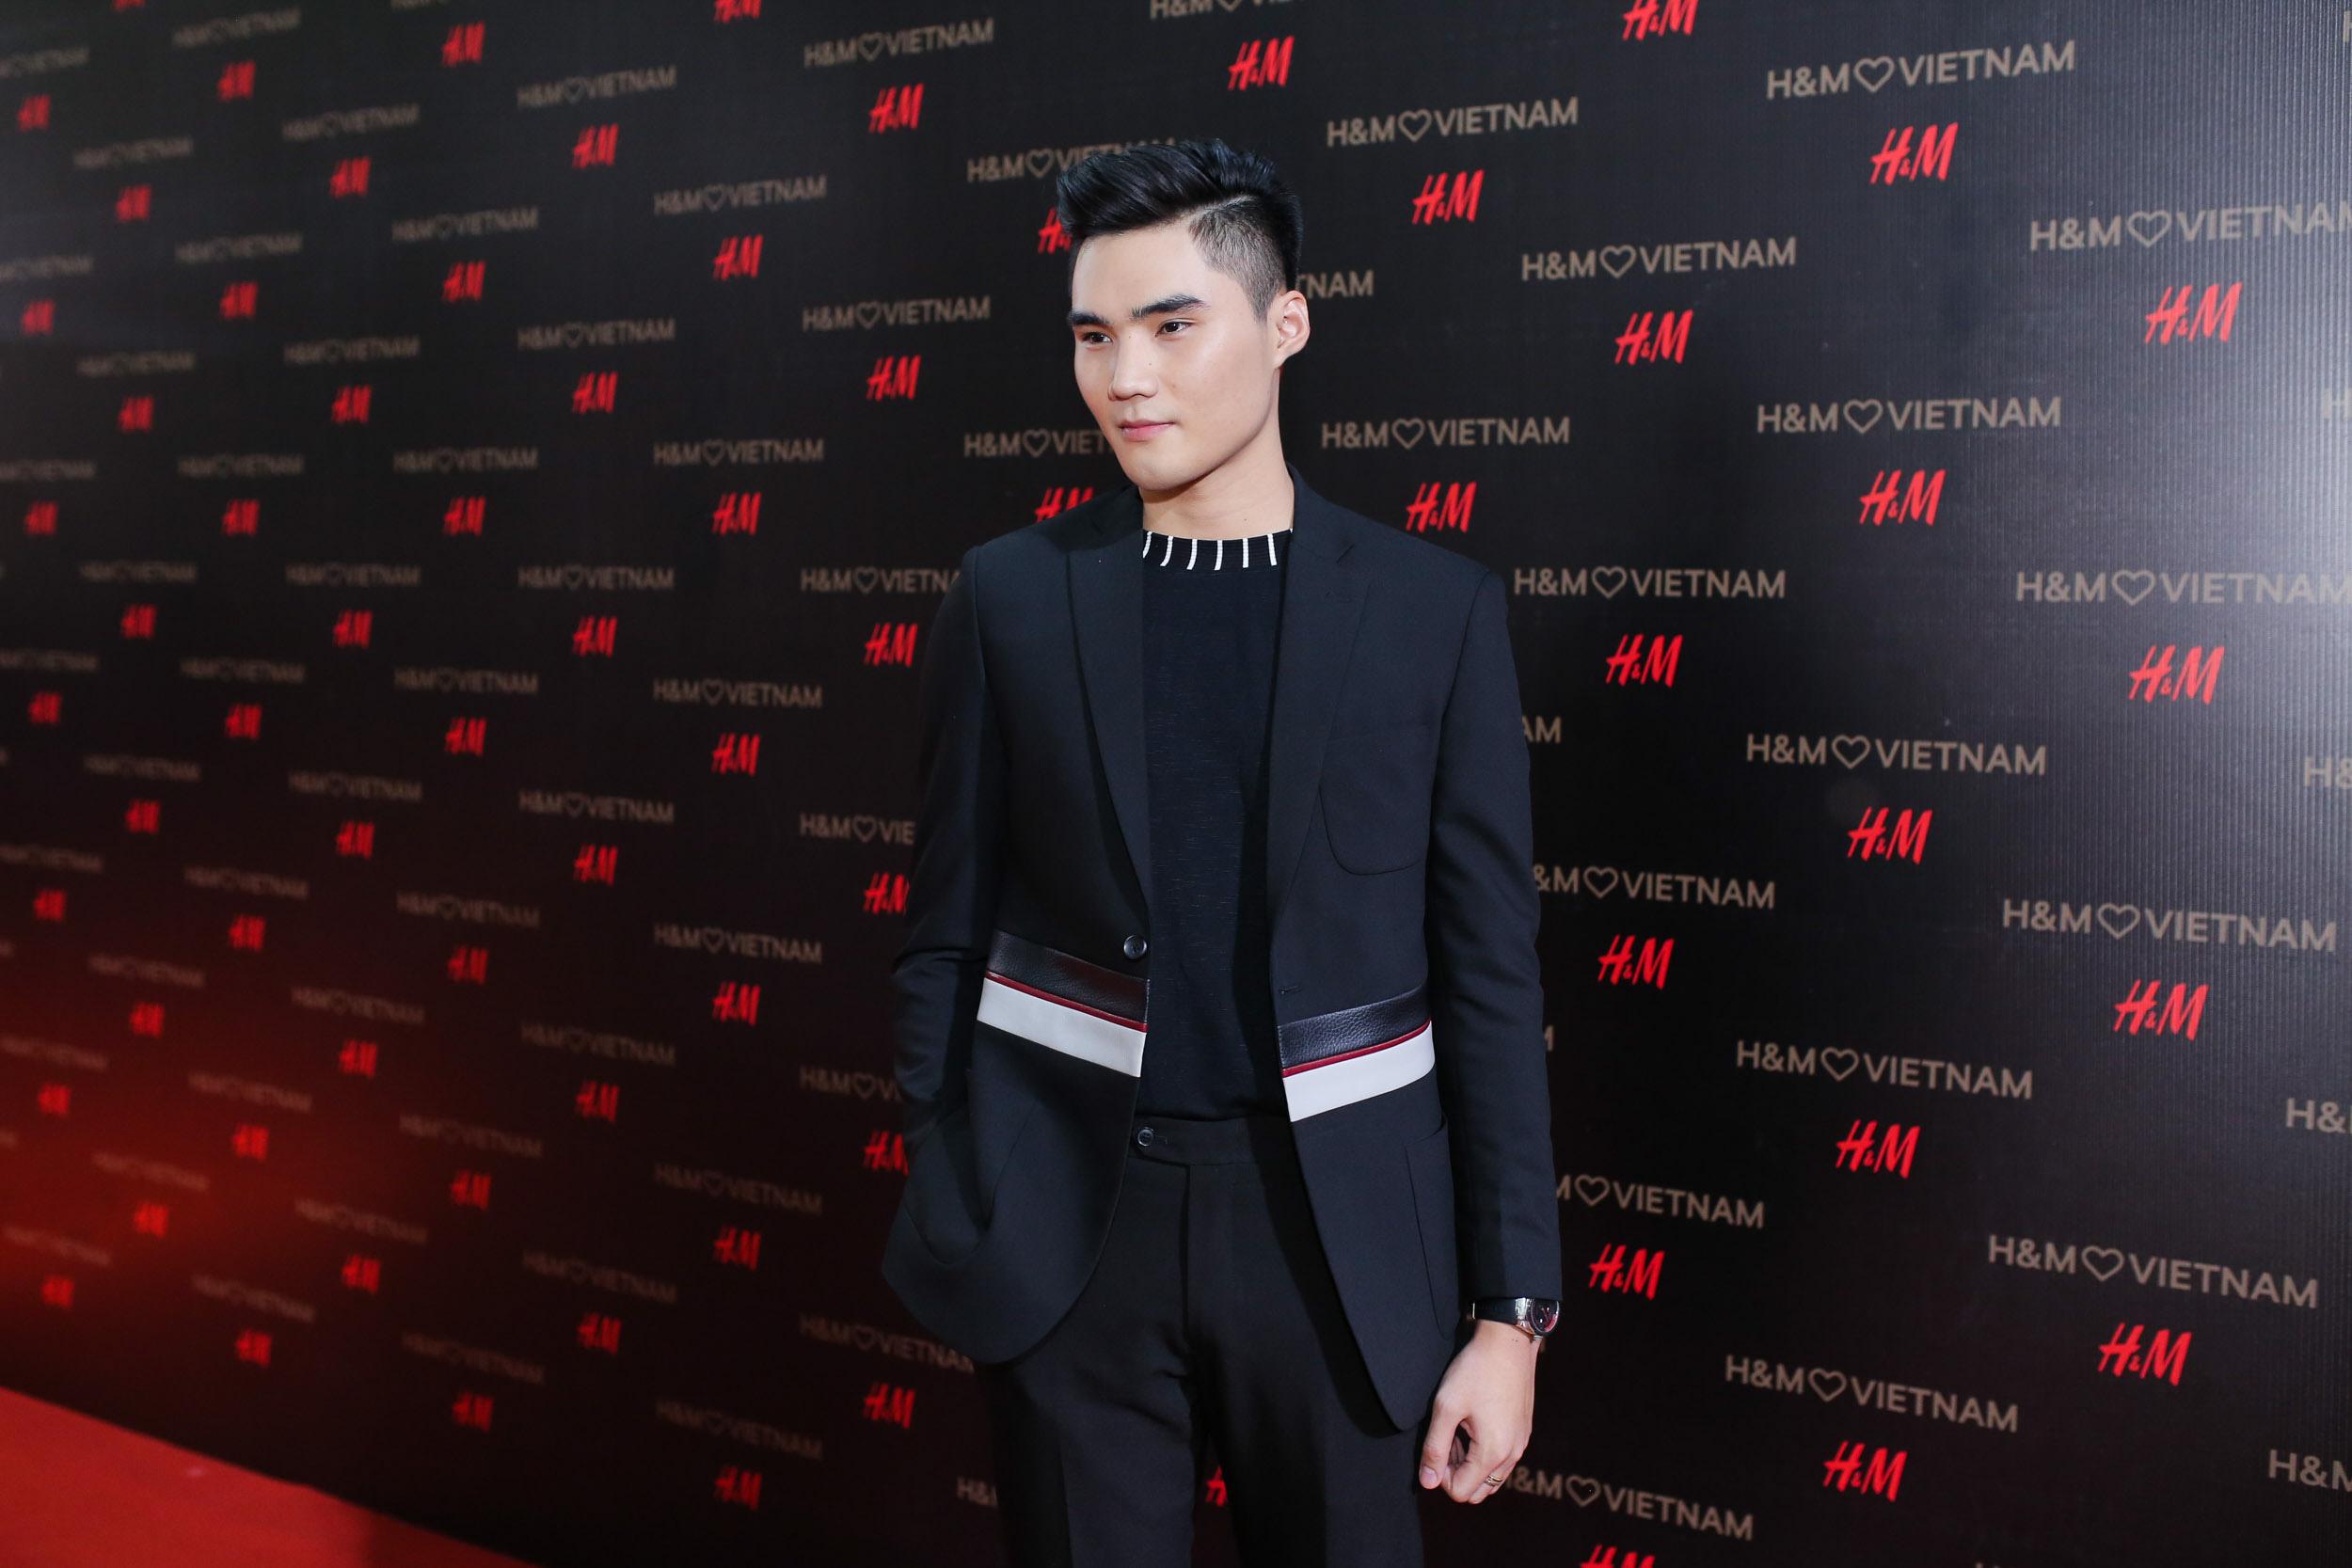 Người mẫu Quang Hùng.